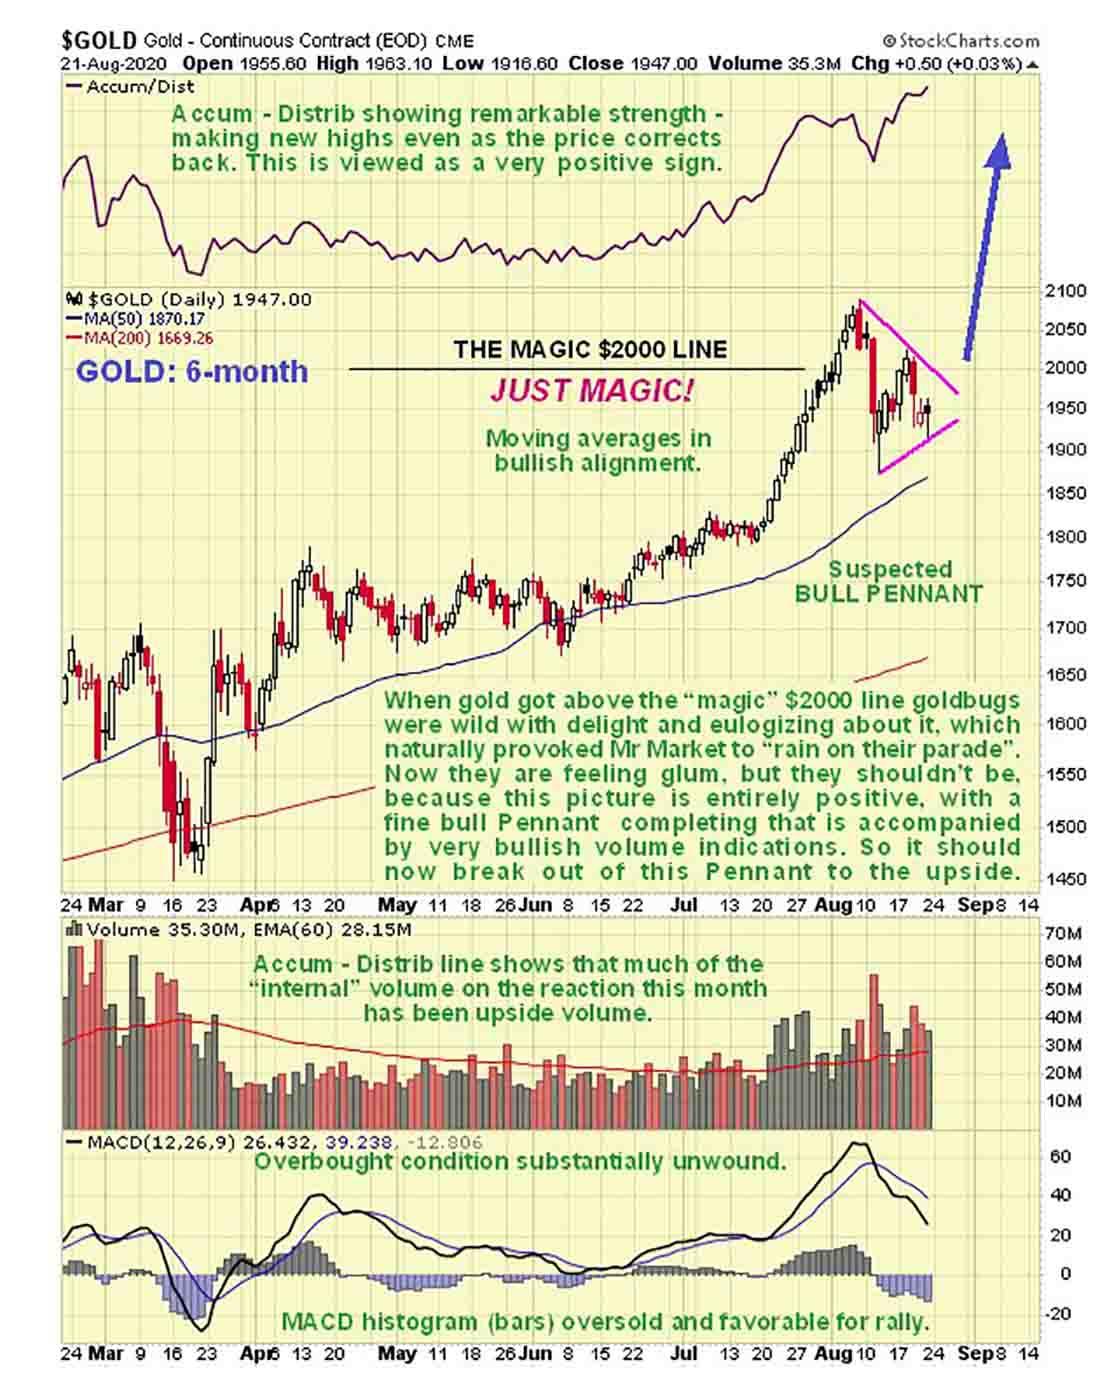 Прогноз цены золота: прорыв вверх и новые максимумы неизбежны